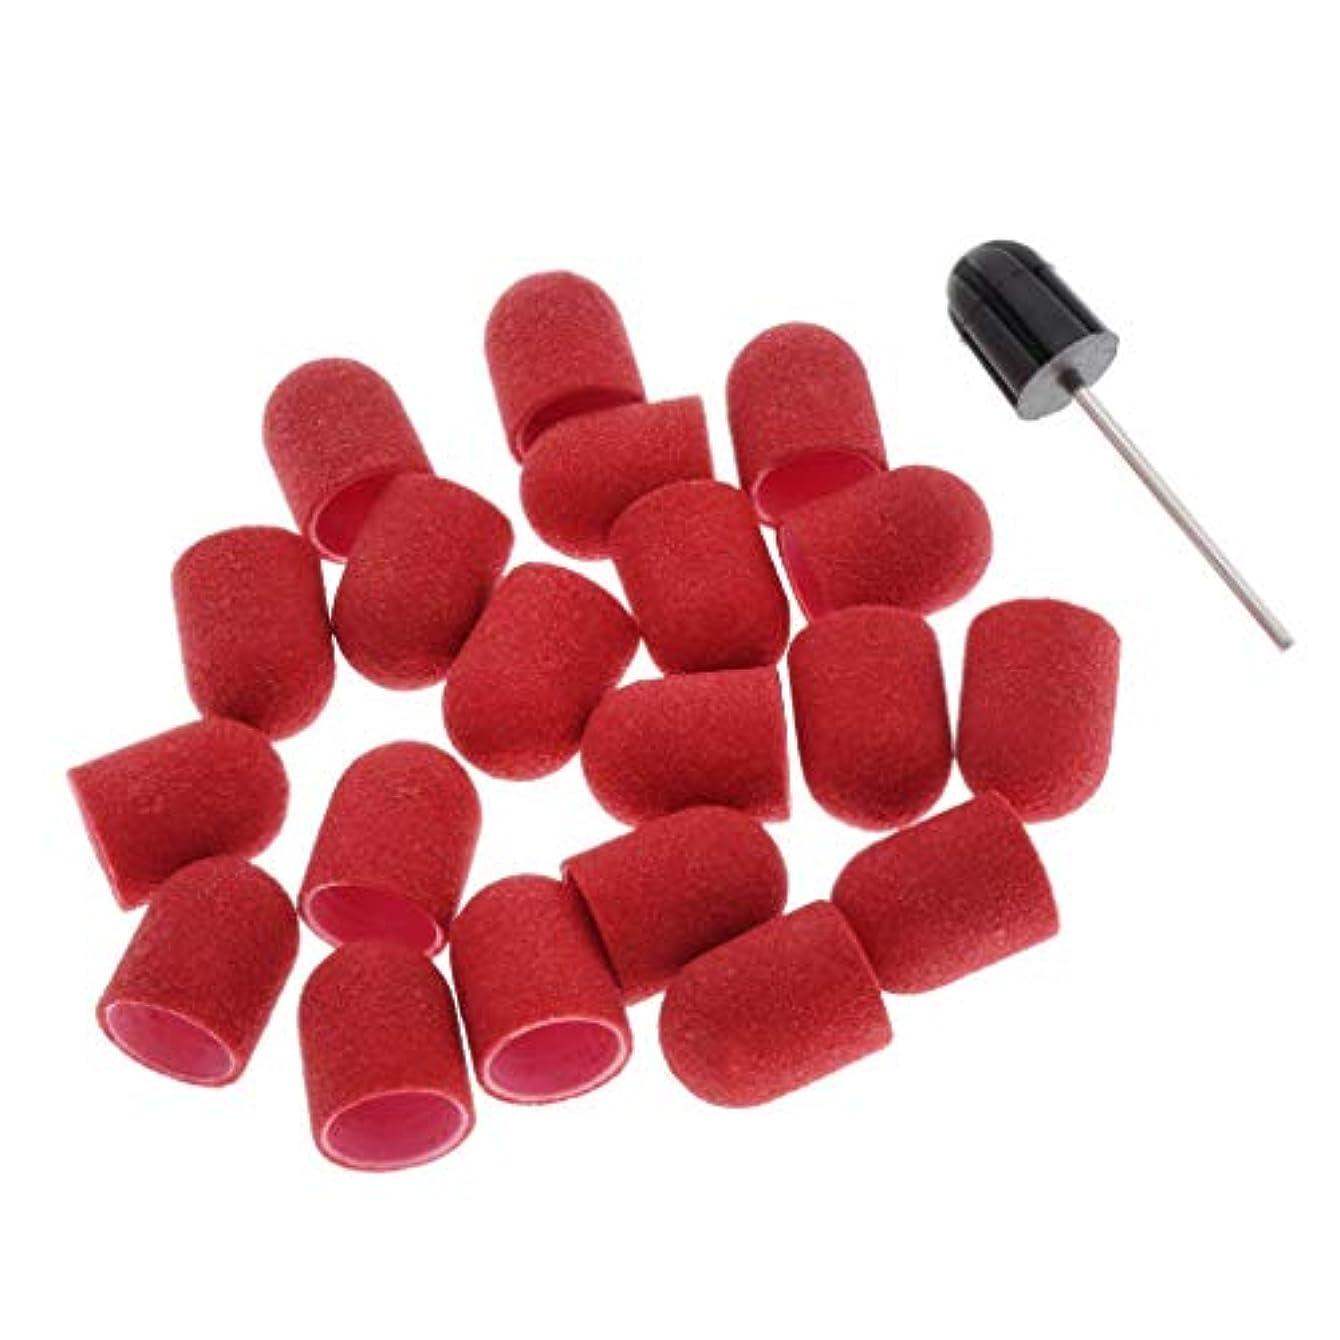 ケイ素祝福するコーヒーToygogo ネイルアート ネイルドリルサンディングキャップ サンディングバンド ネイル 研磨用 全5カラー - 赤